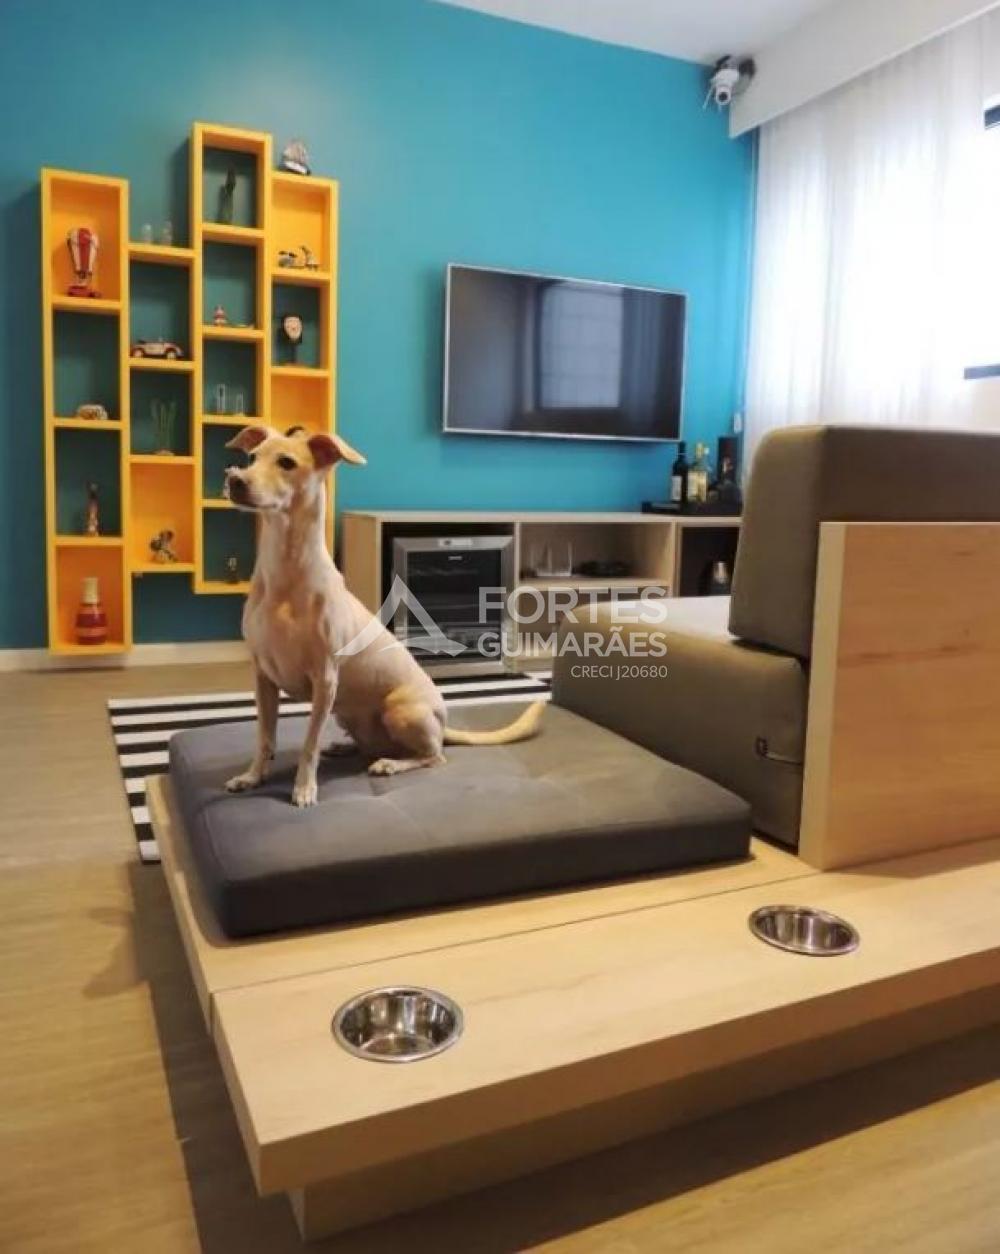 Cuidados com animais de estimação ao decorar o apartamento